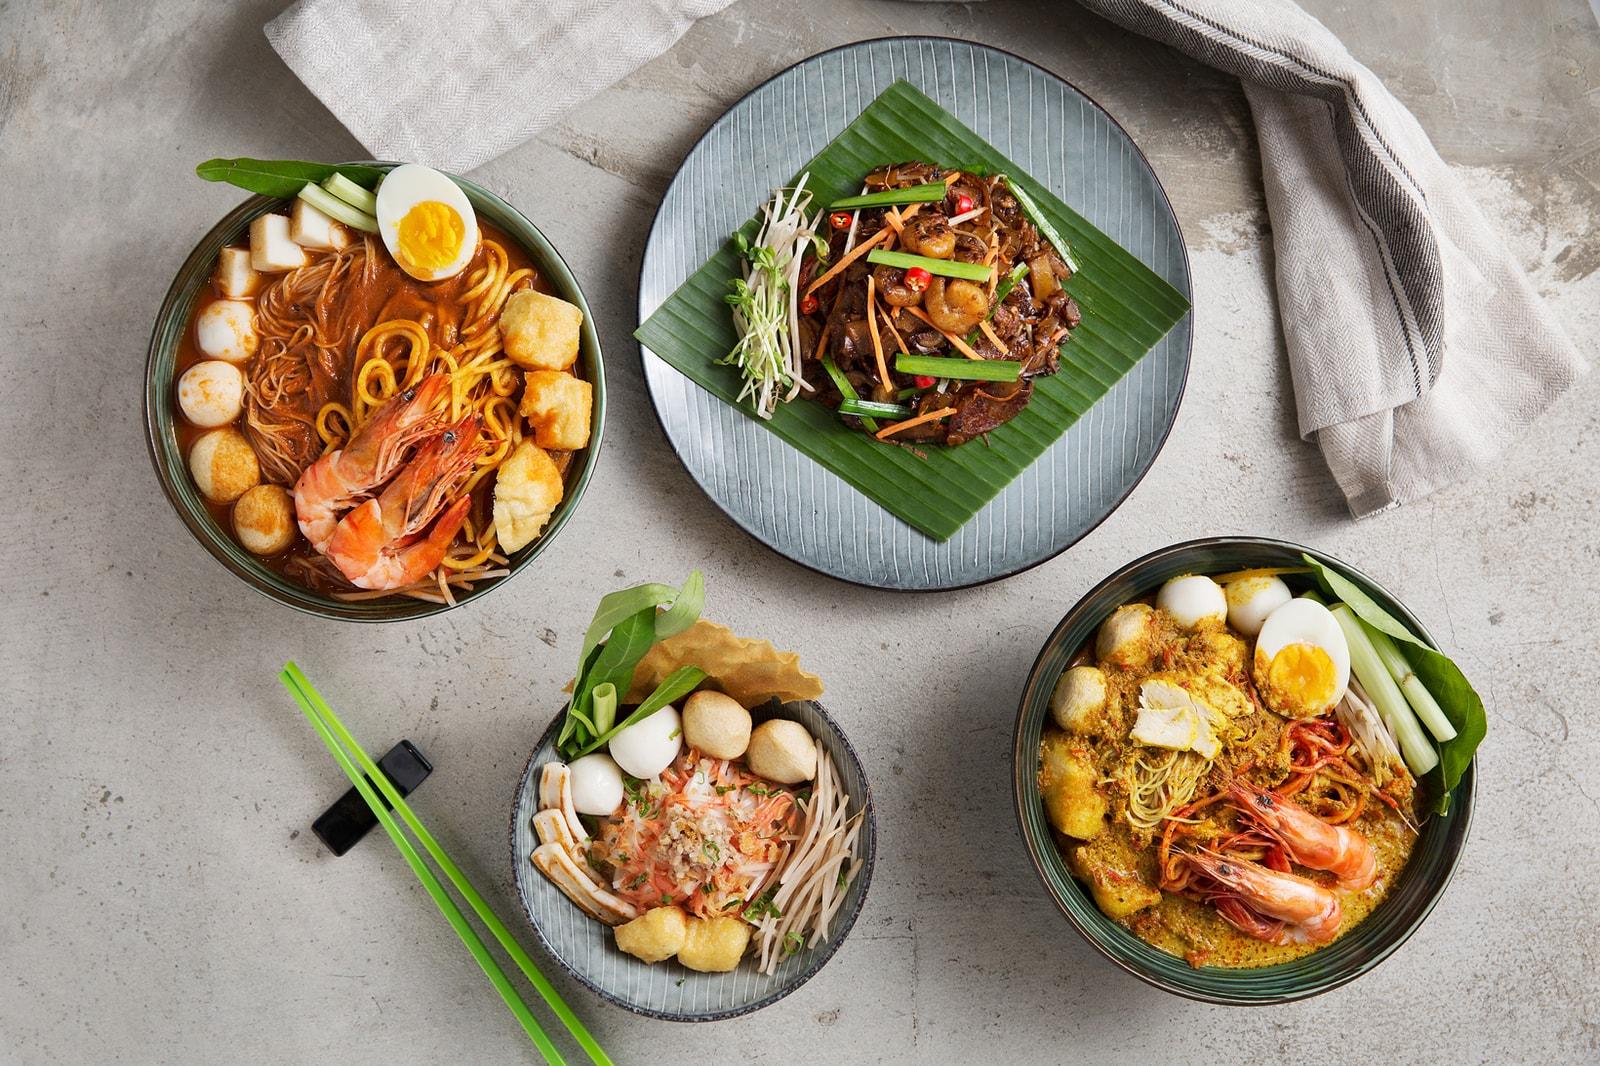 Mean Noodles Profile Food Design Hong Kong openUU Caroline Chou Kevin Lim noodle noods dishes plates plating